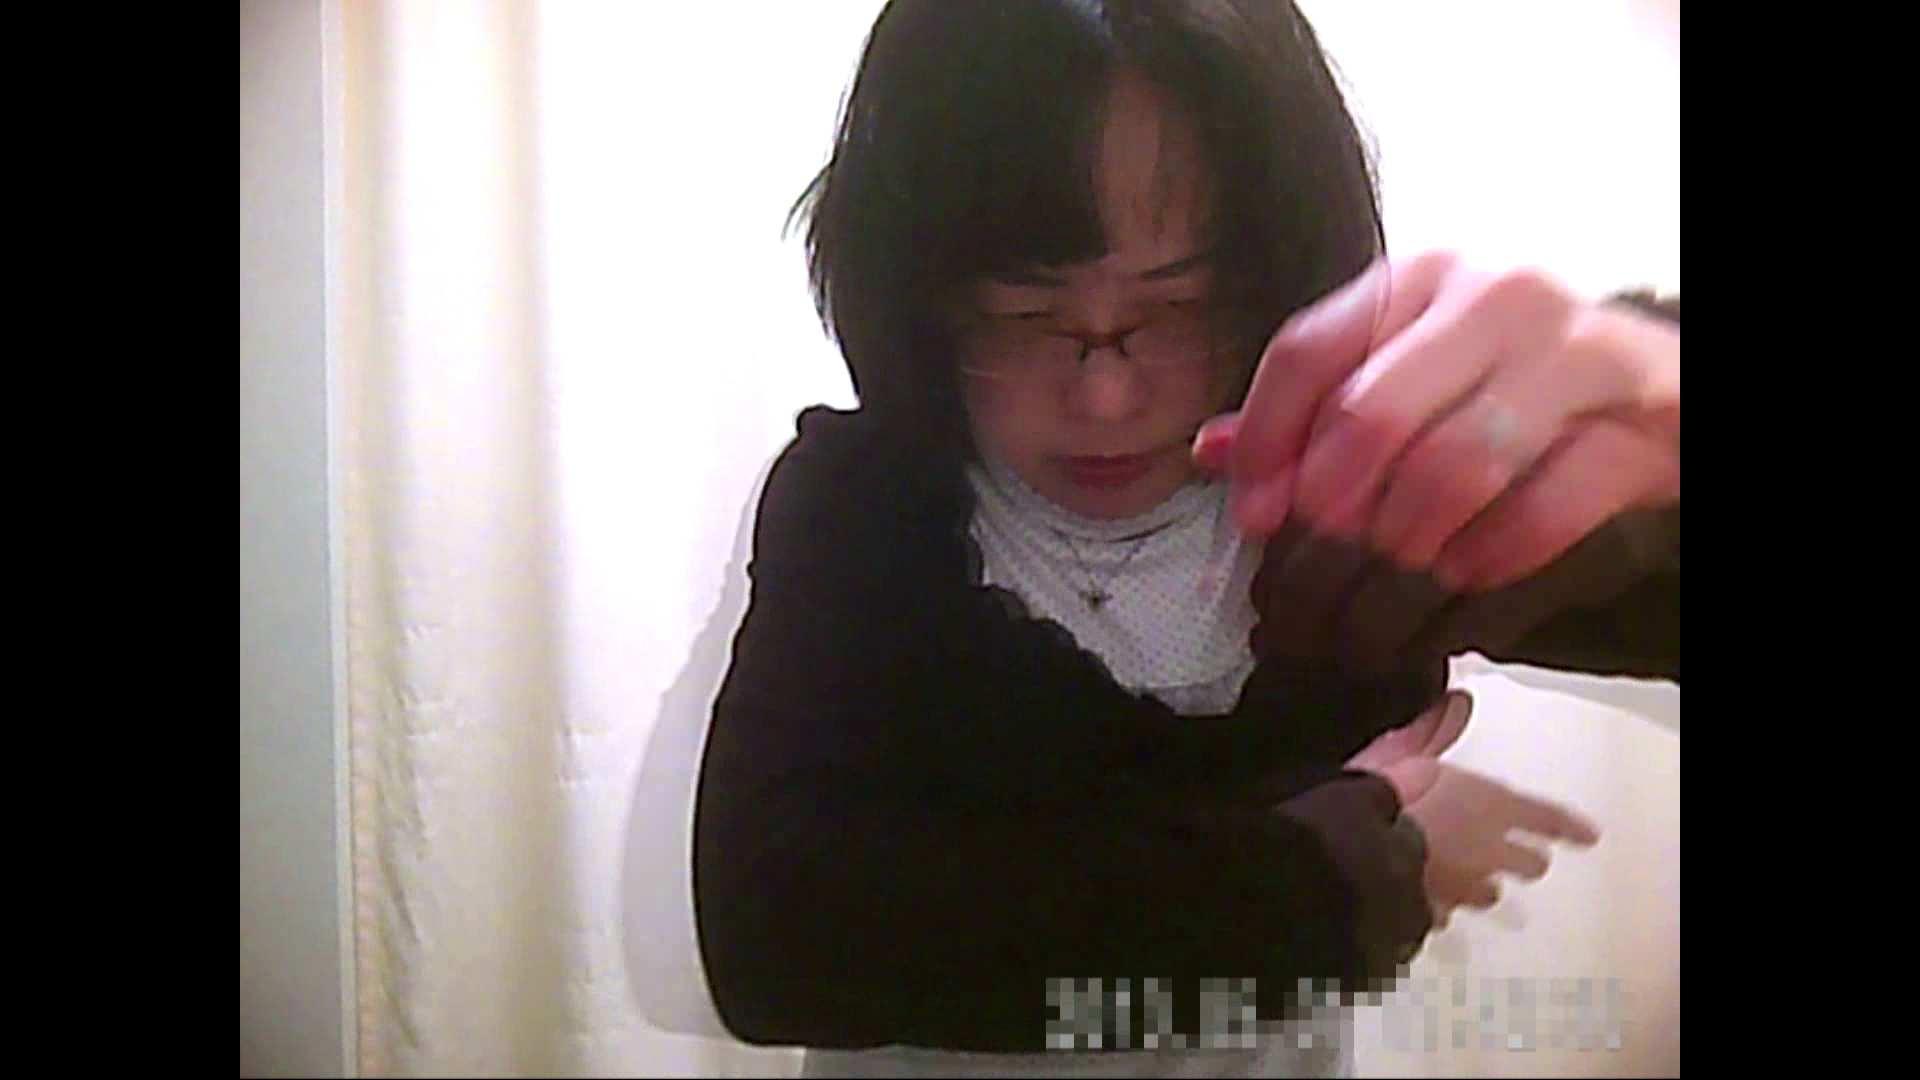 元医者による反抗 更衣室地獄絵巻 vol.090 エッチすぎるOL達  53連発 8